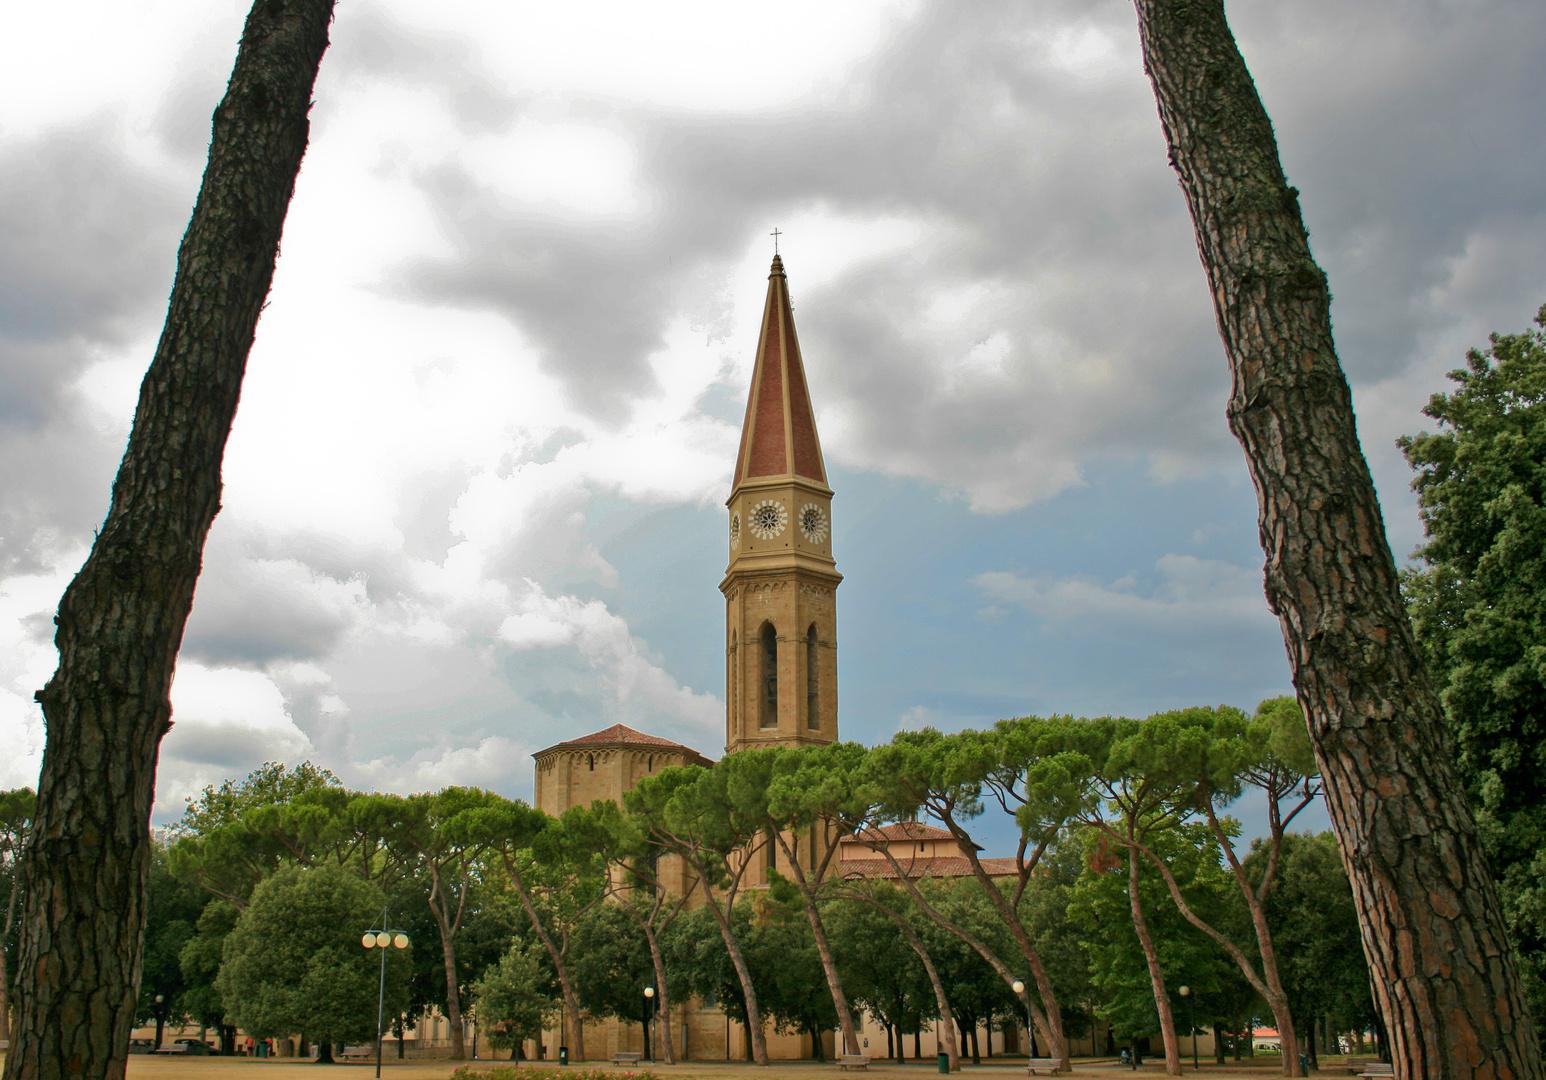 Arezzo's Cattedrale di S. Donato